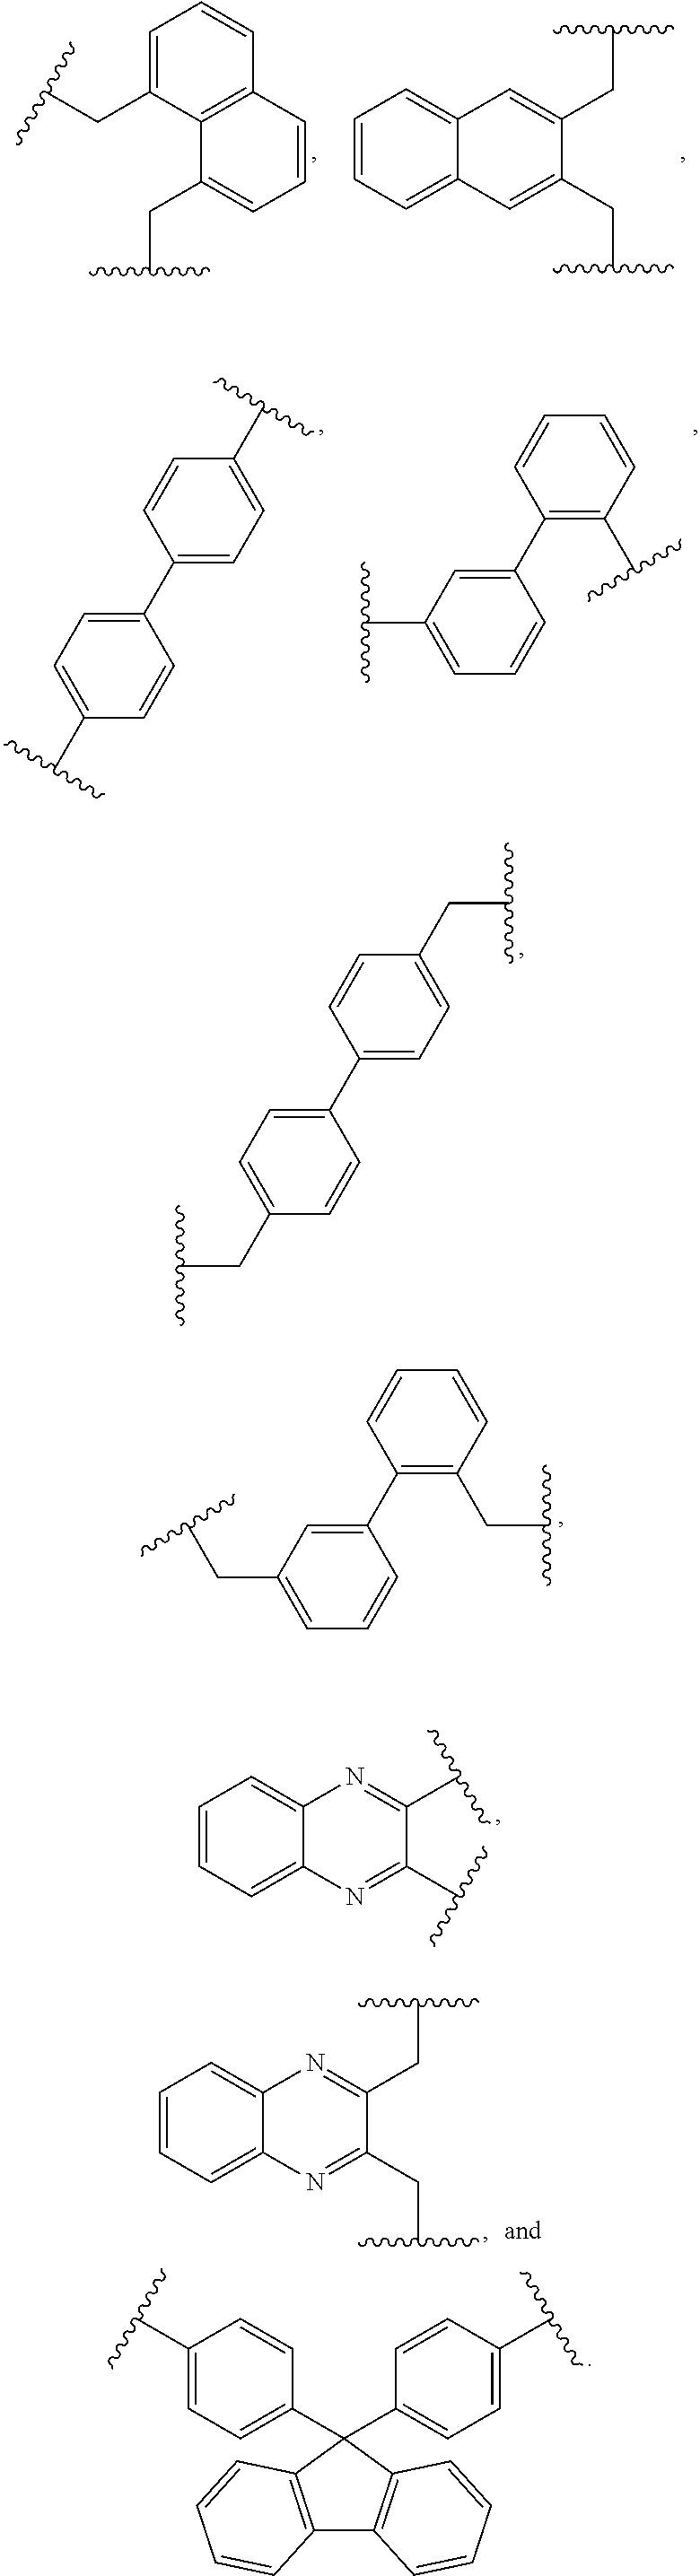 Figure US09785030-20171010-C00003